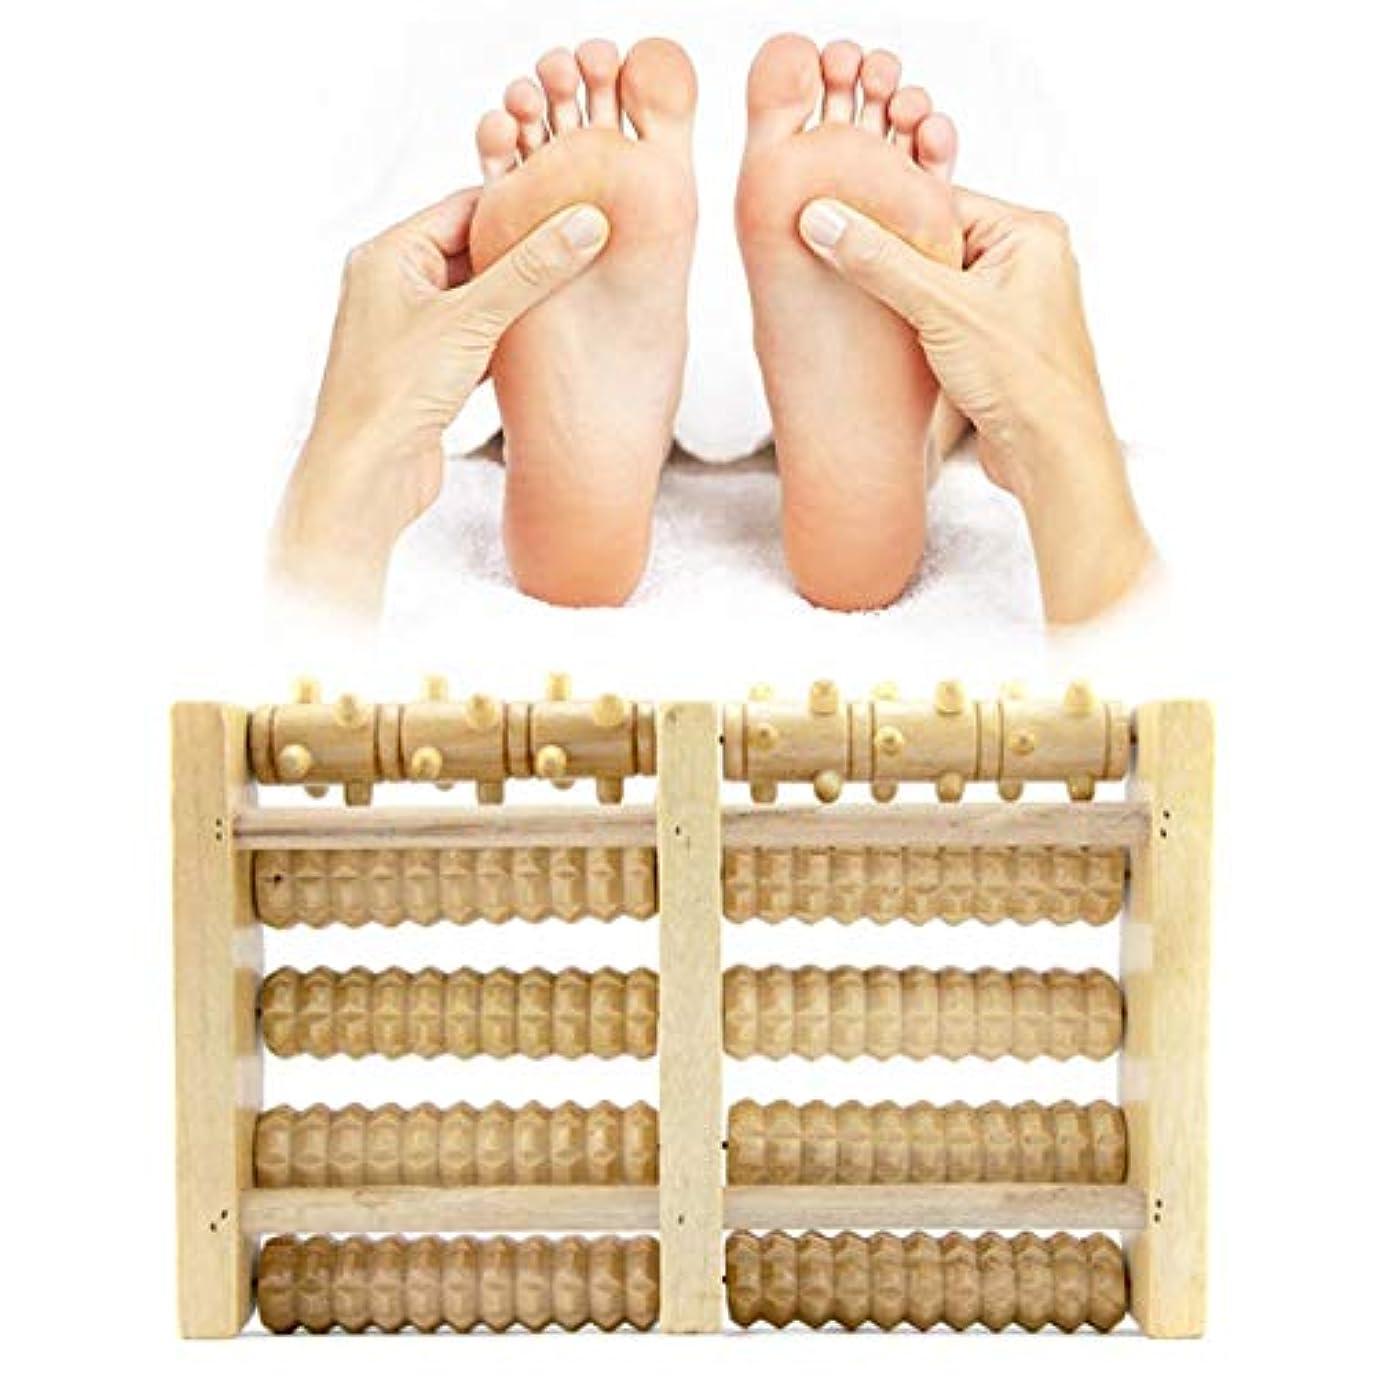 どちらか傷つける天才Wooden Foot Massager 5 Rollers Reflexology Relax Stress Pain Relief Blood Circulation Promotion Foot Care Instrument